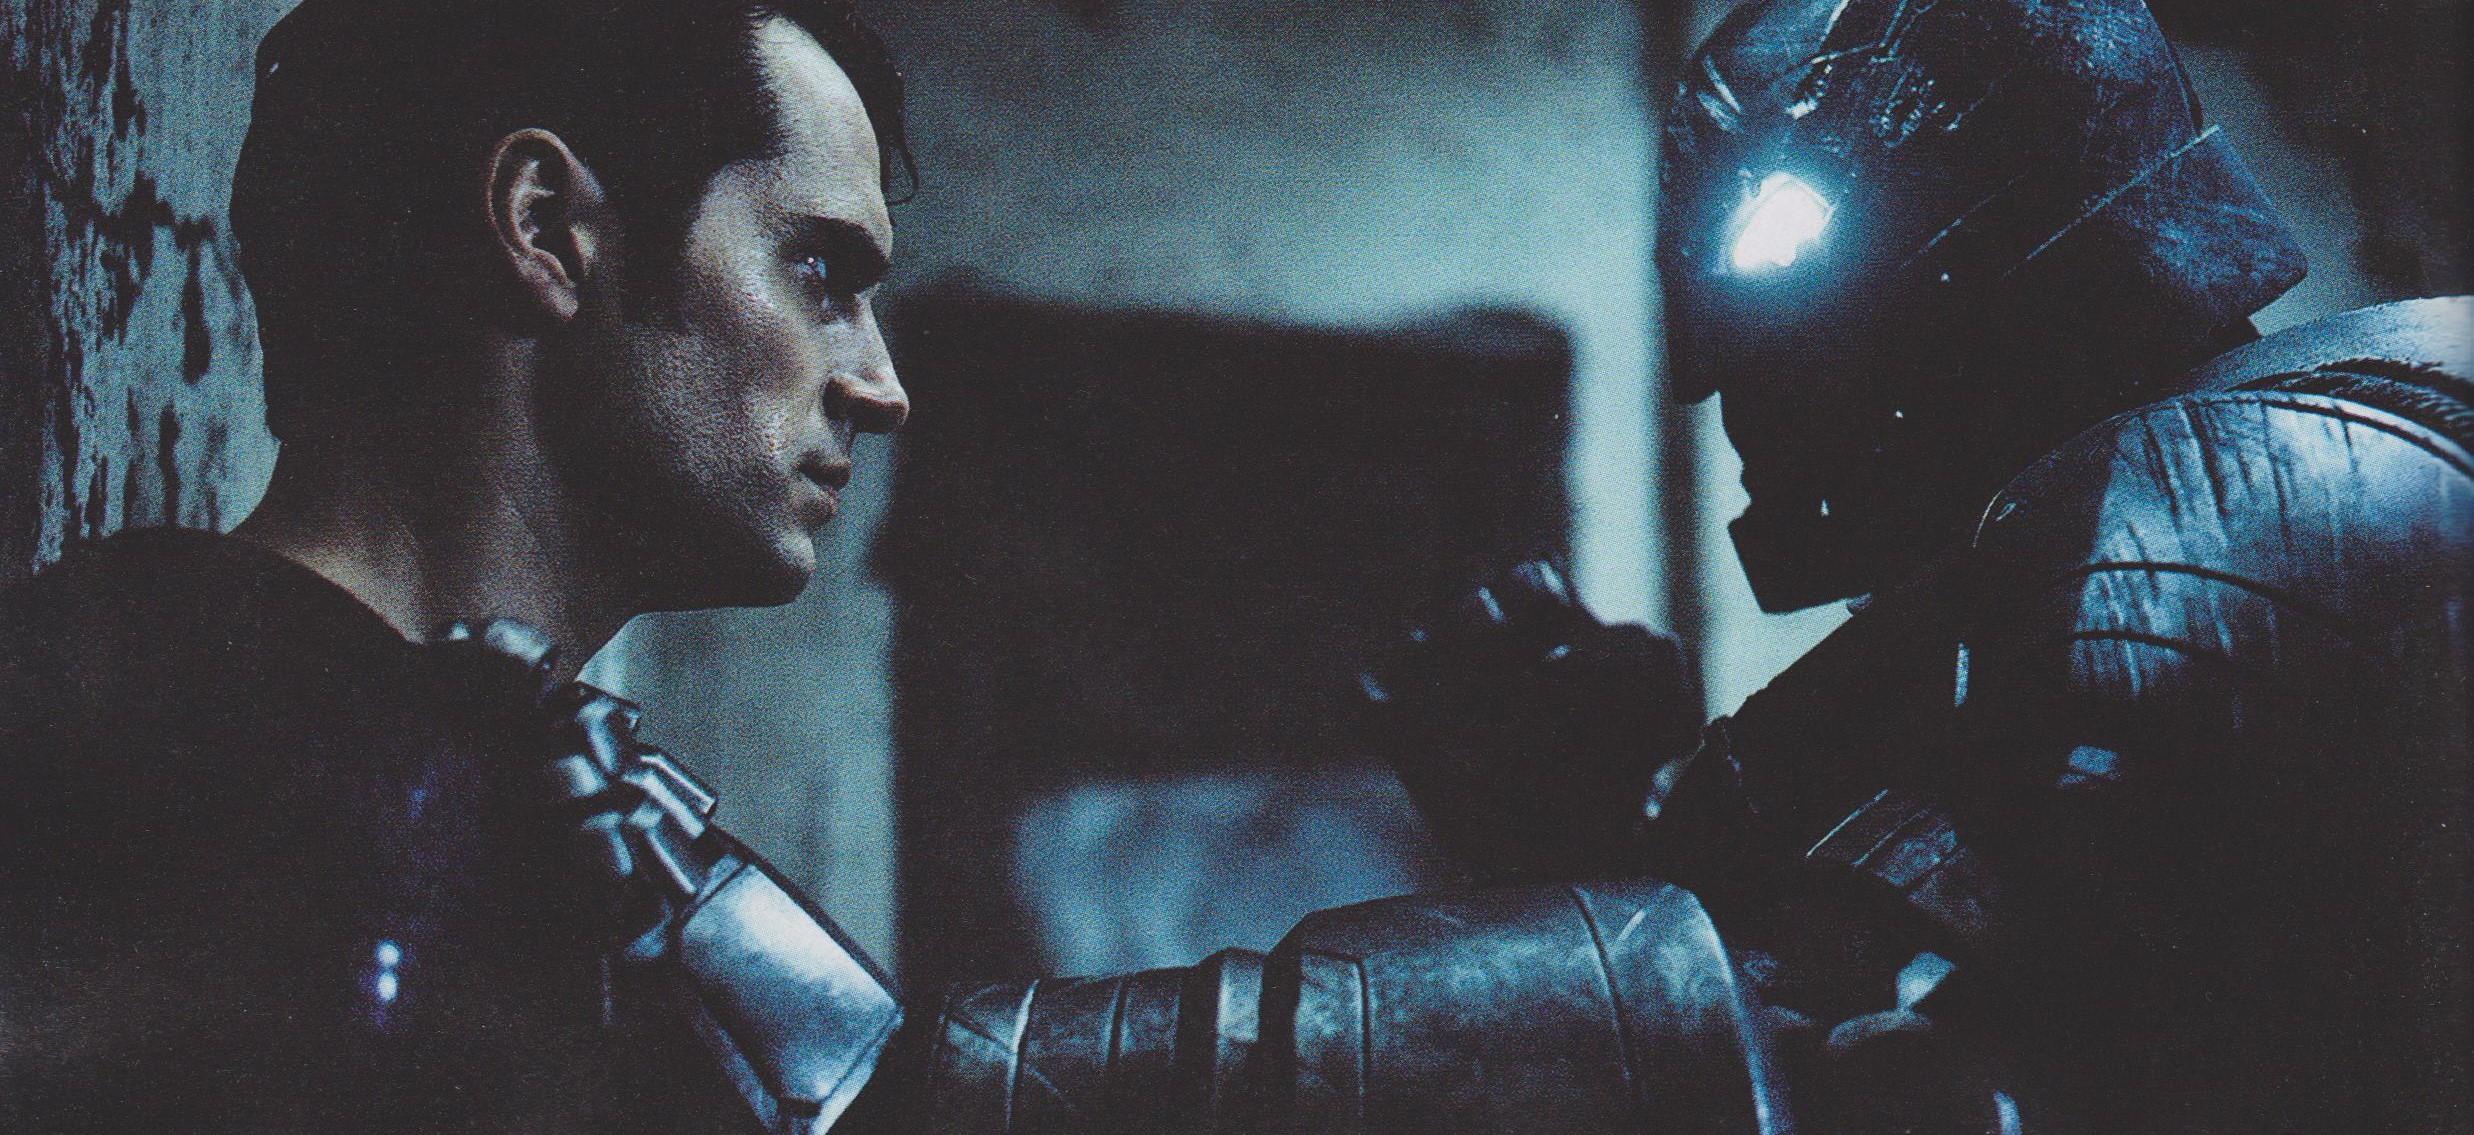 Batman v Superman staredown